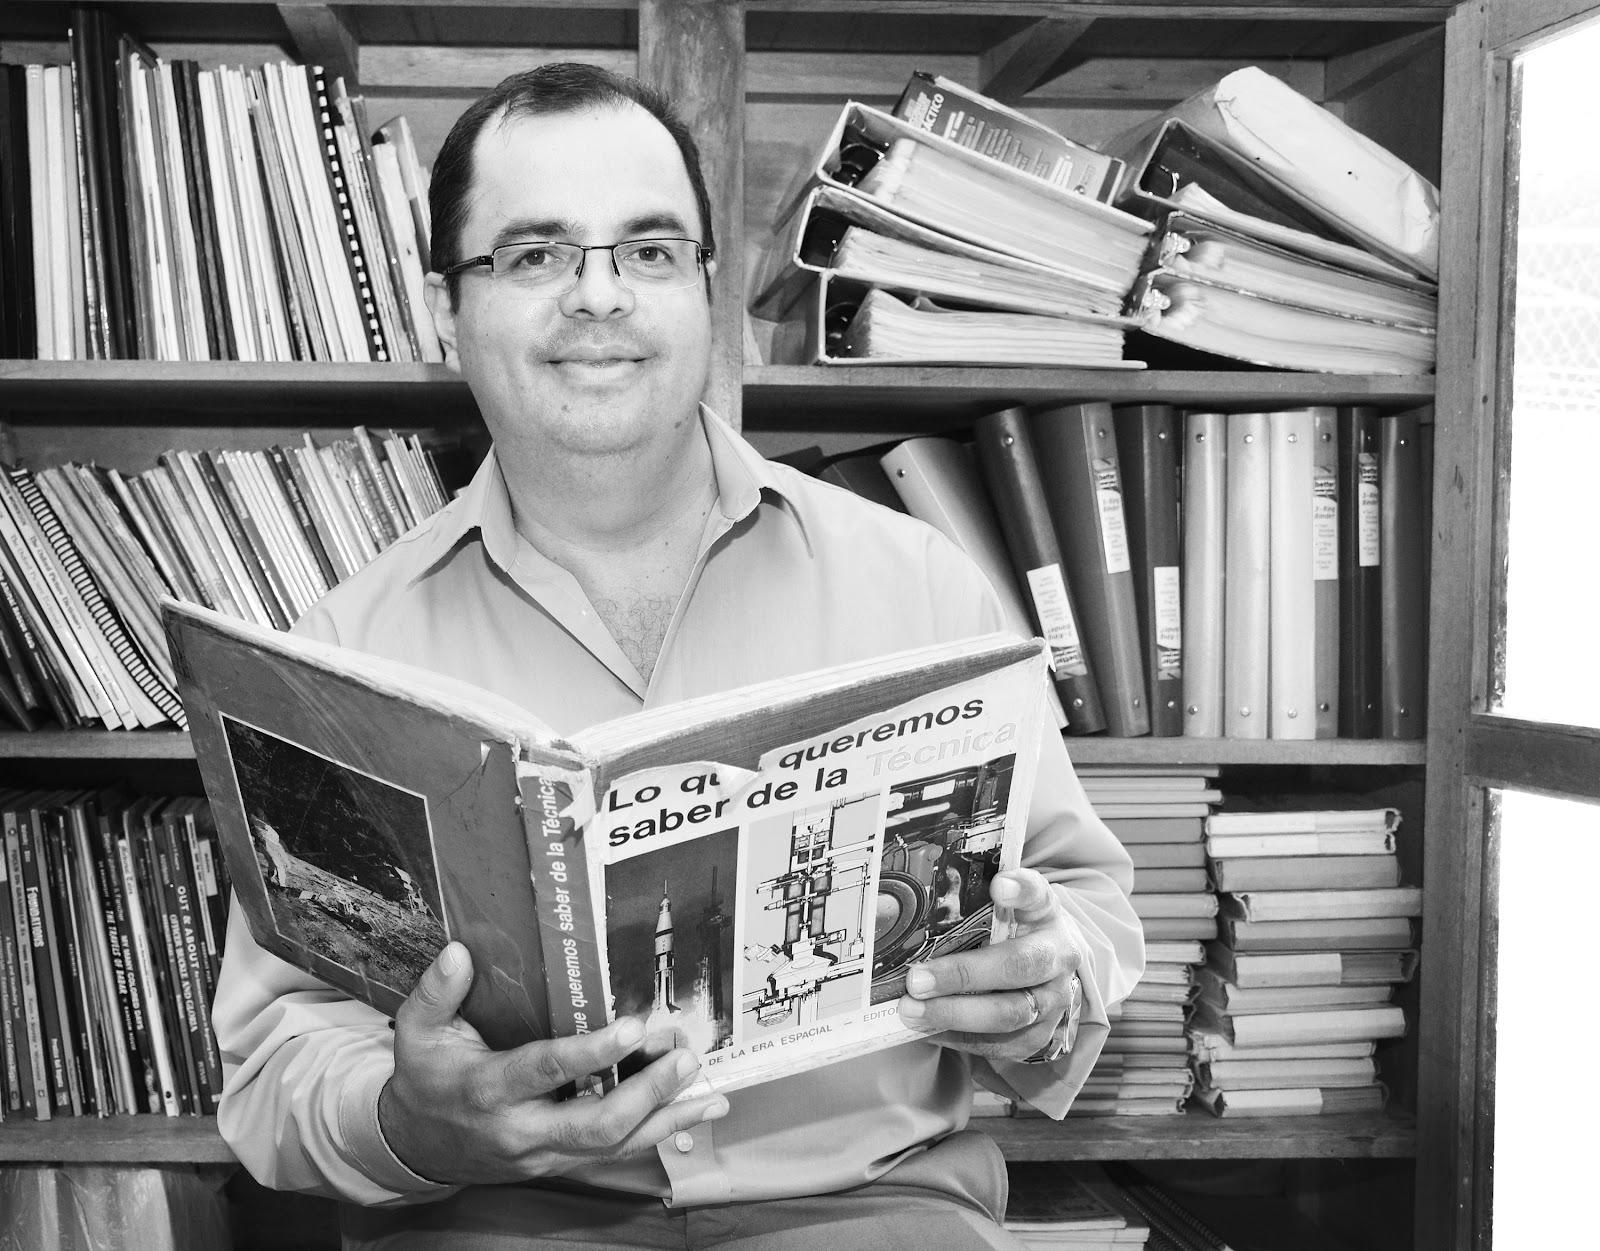 El libro donde nace el sueño de convertirse en científico se llamó: Lo que queremos saber de la técnica y se encontraba en la biblioteca de la Escuela Concepción de la Palmera en San Carlos. (Foto: Ruth Garita/OCM)